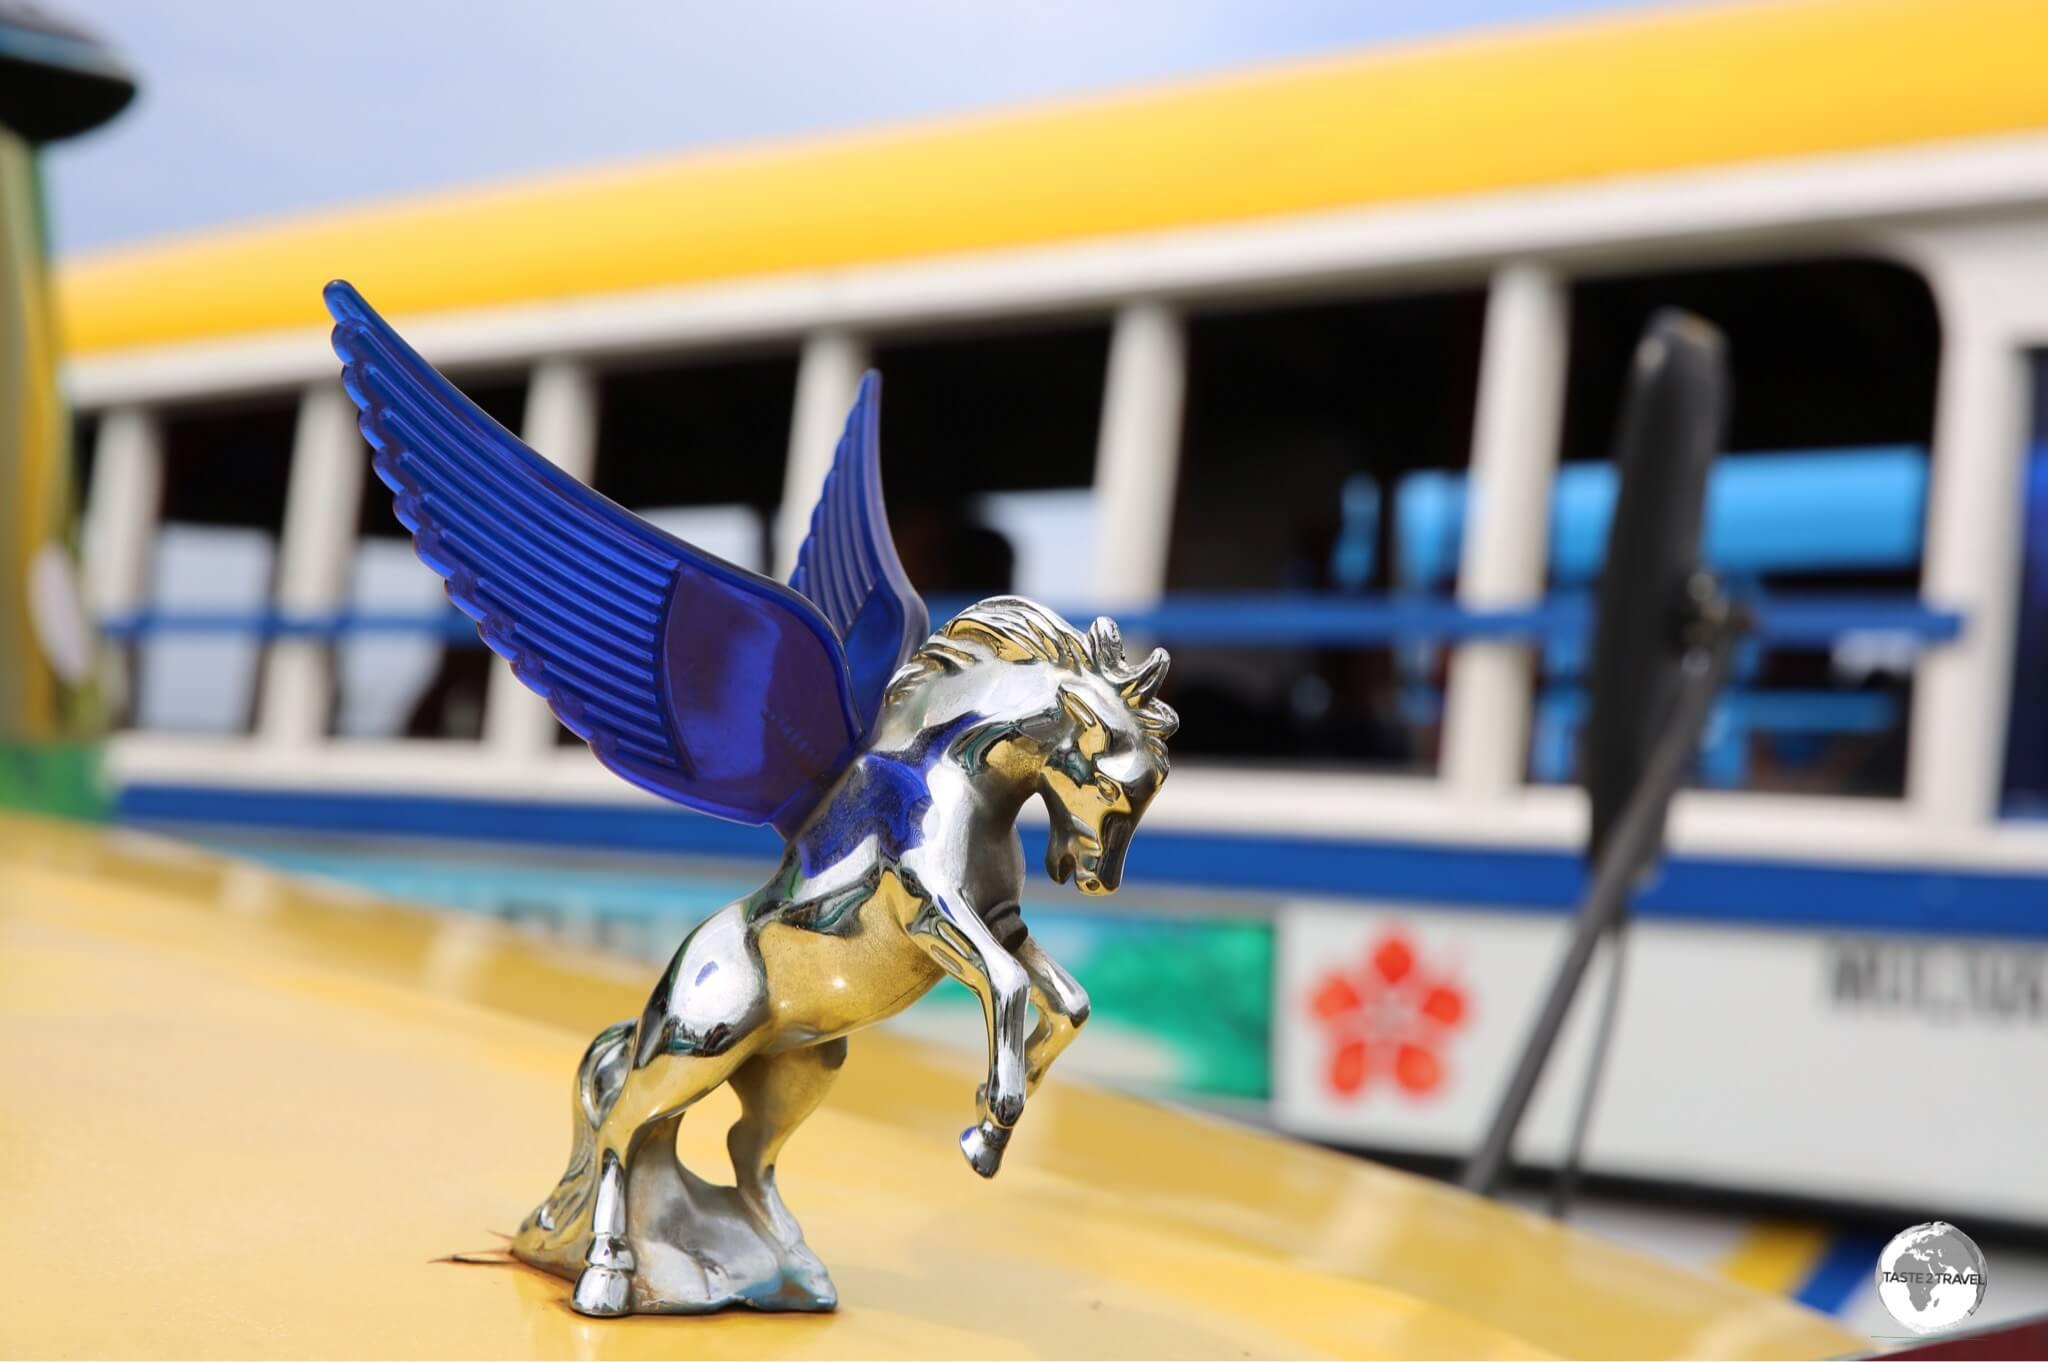 A shiny hood ornament on a Samoan bus.